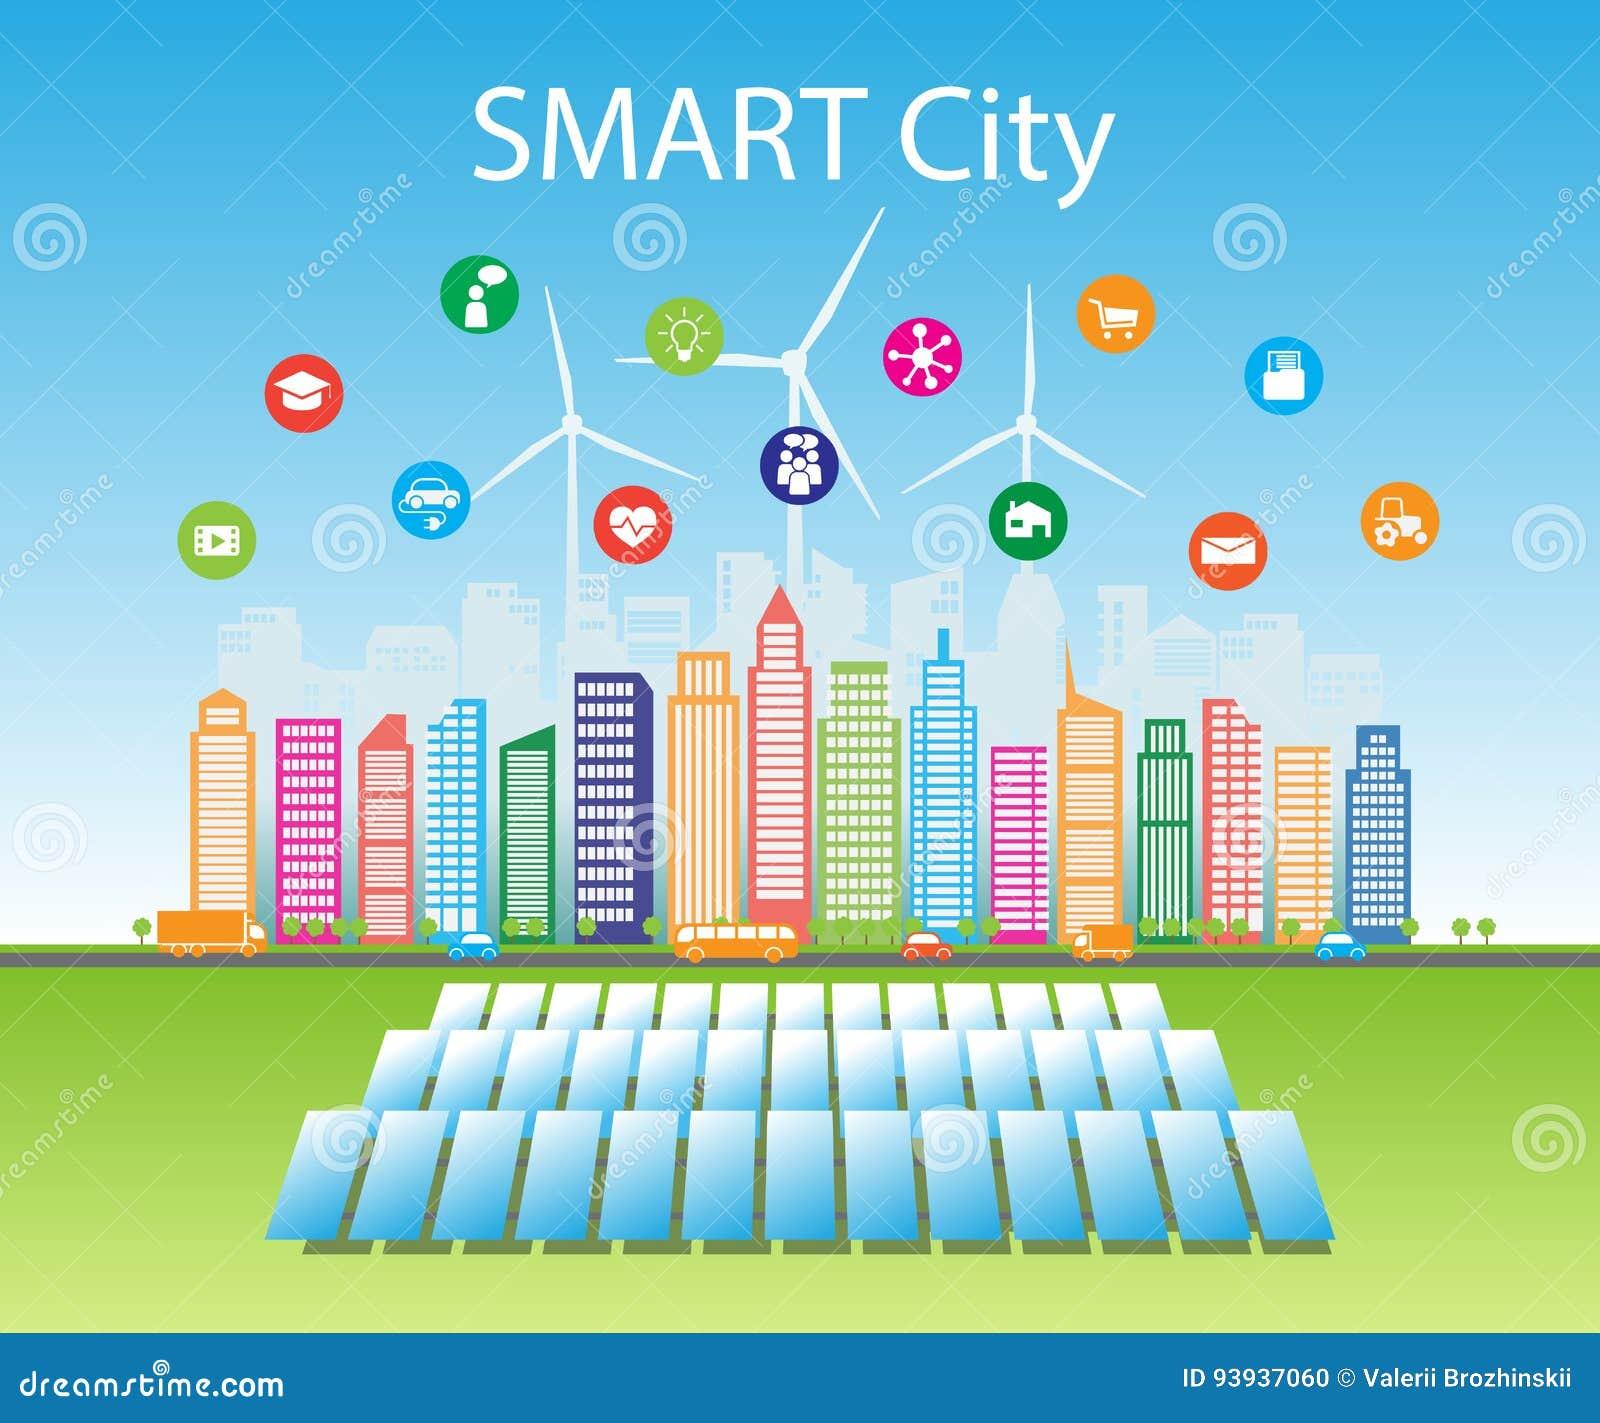 As cidades verdes espertas consomem fontes de energia naturais alternativas com serviços inteligentes avançados, redes sociais